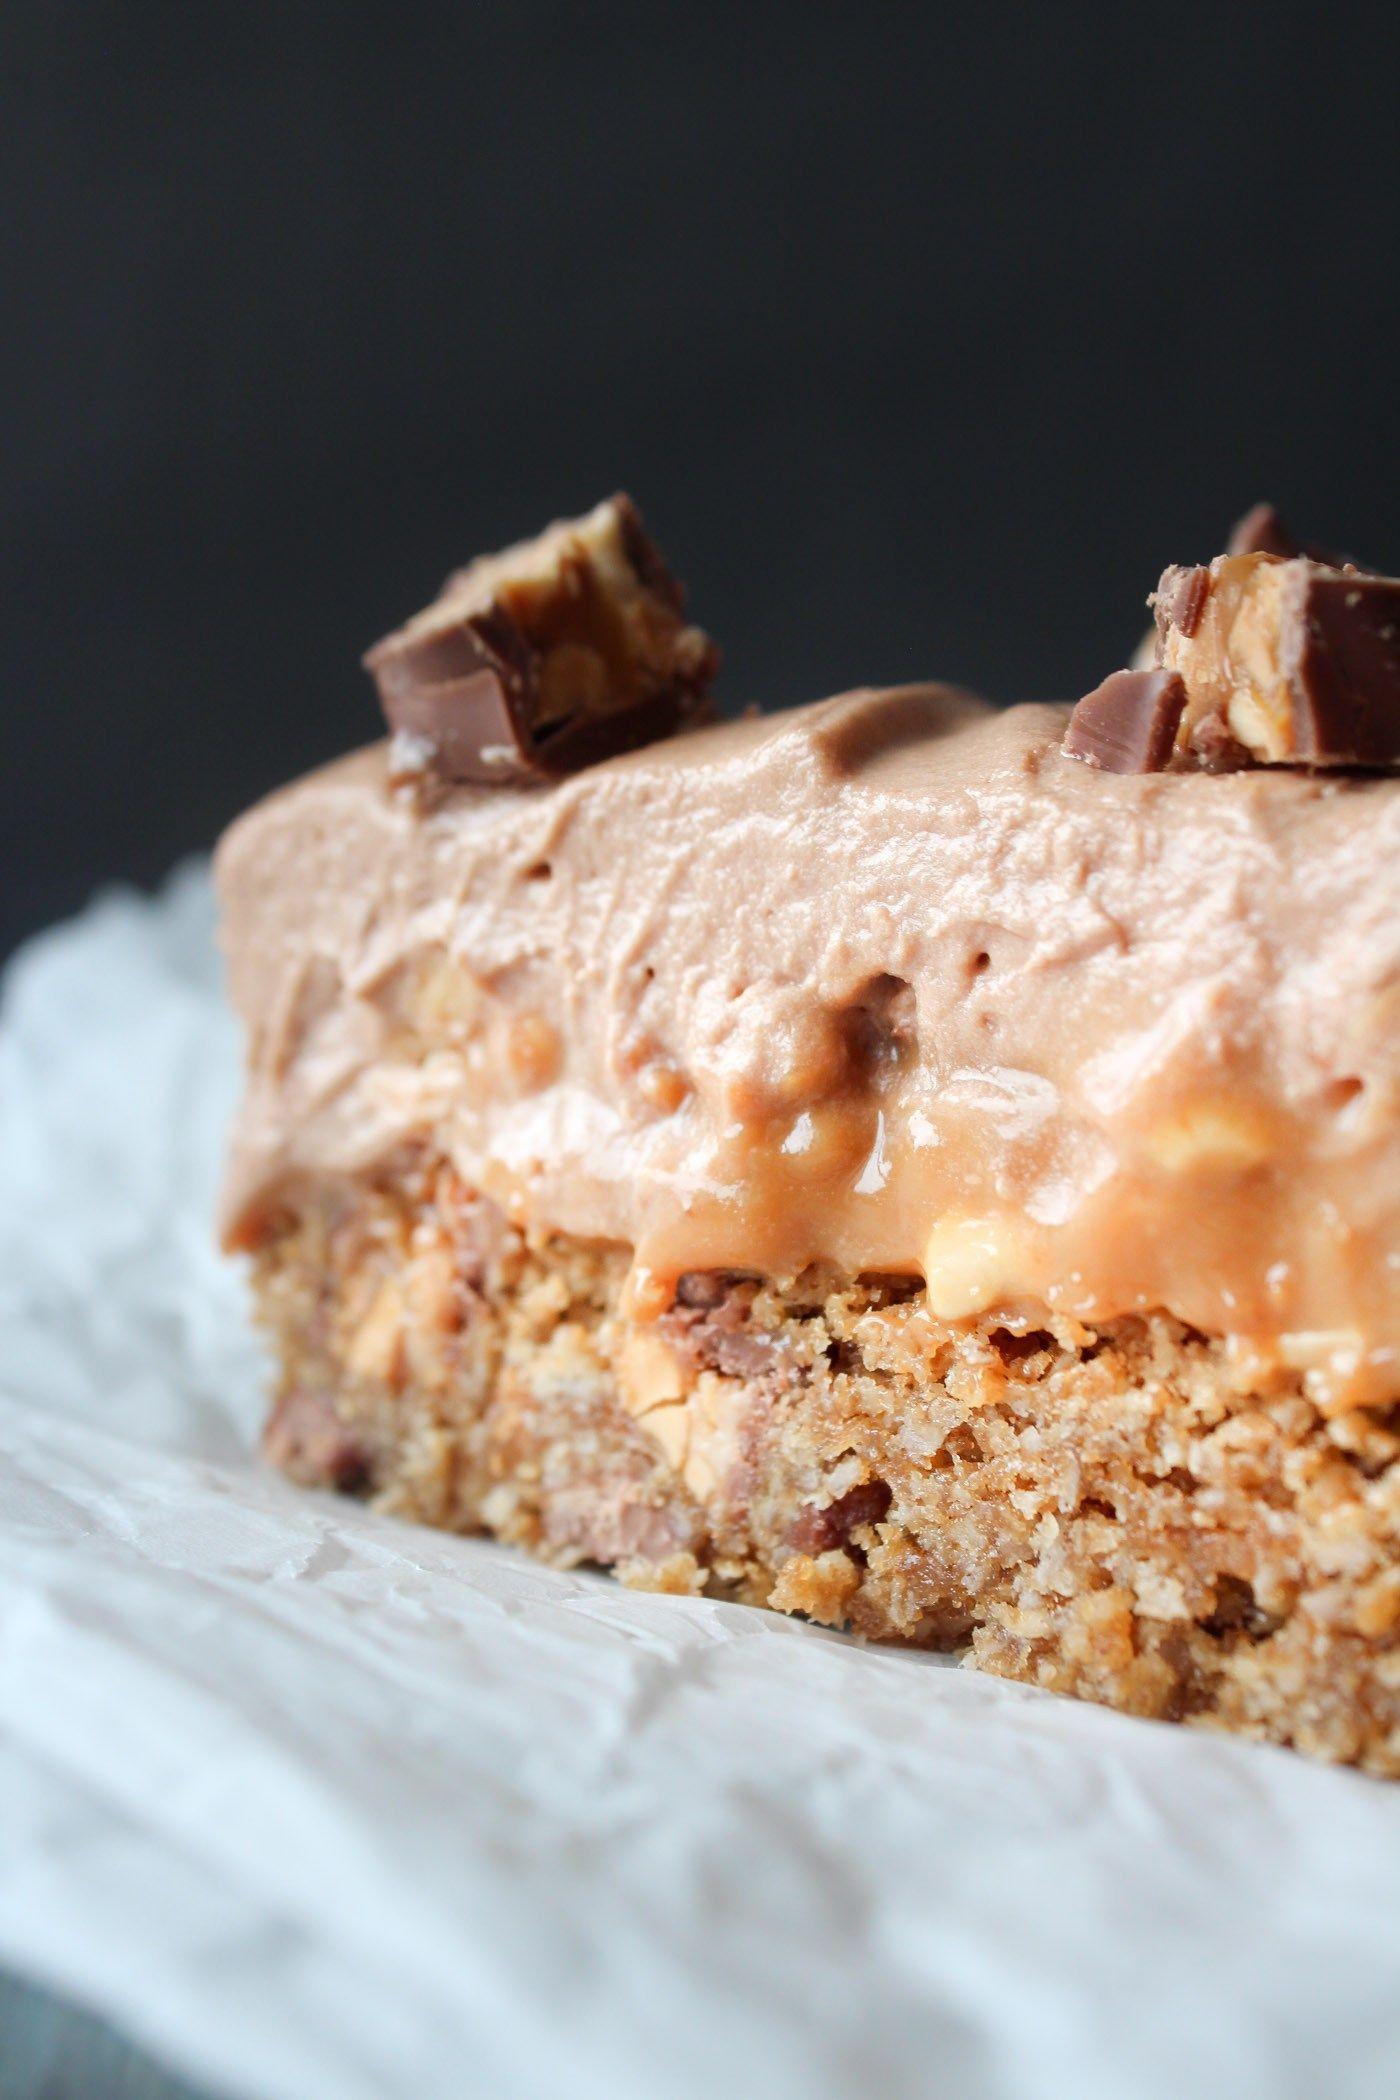 Snickers Tærte Lækre kager, Kager opskrifter og Dessert